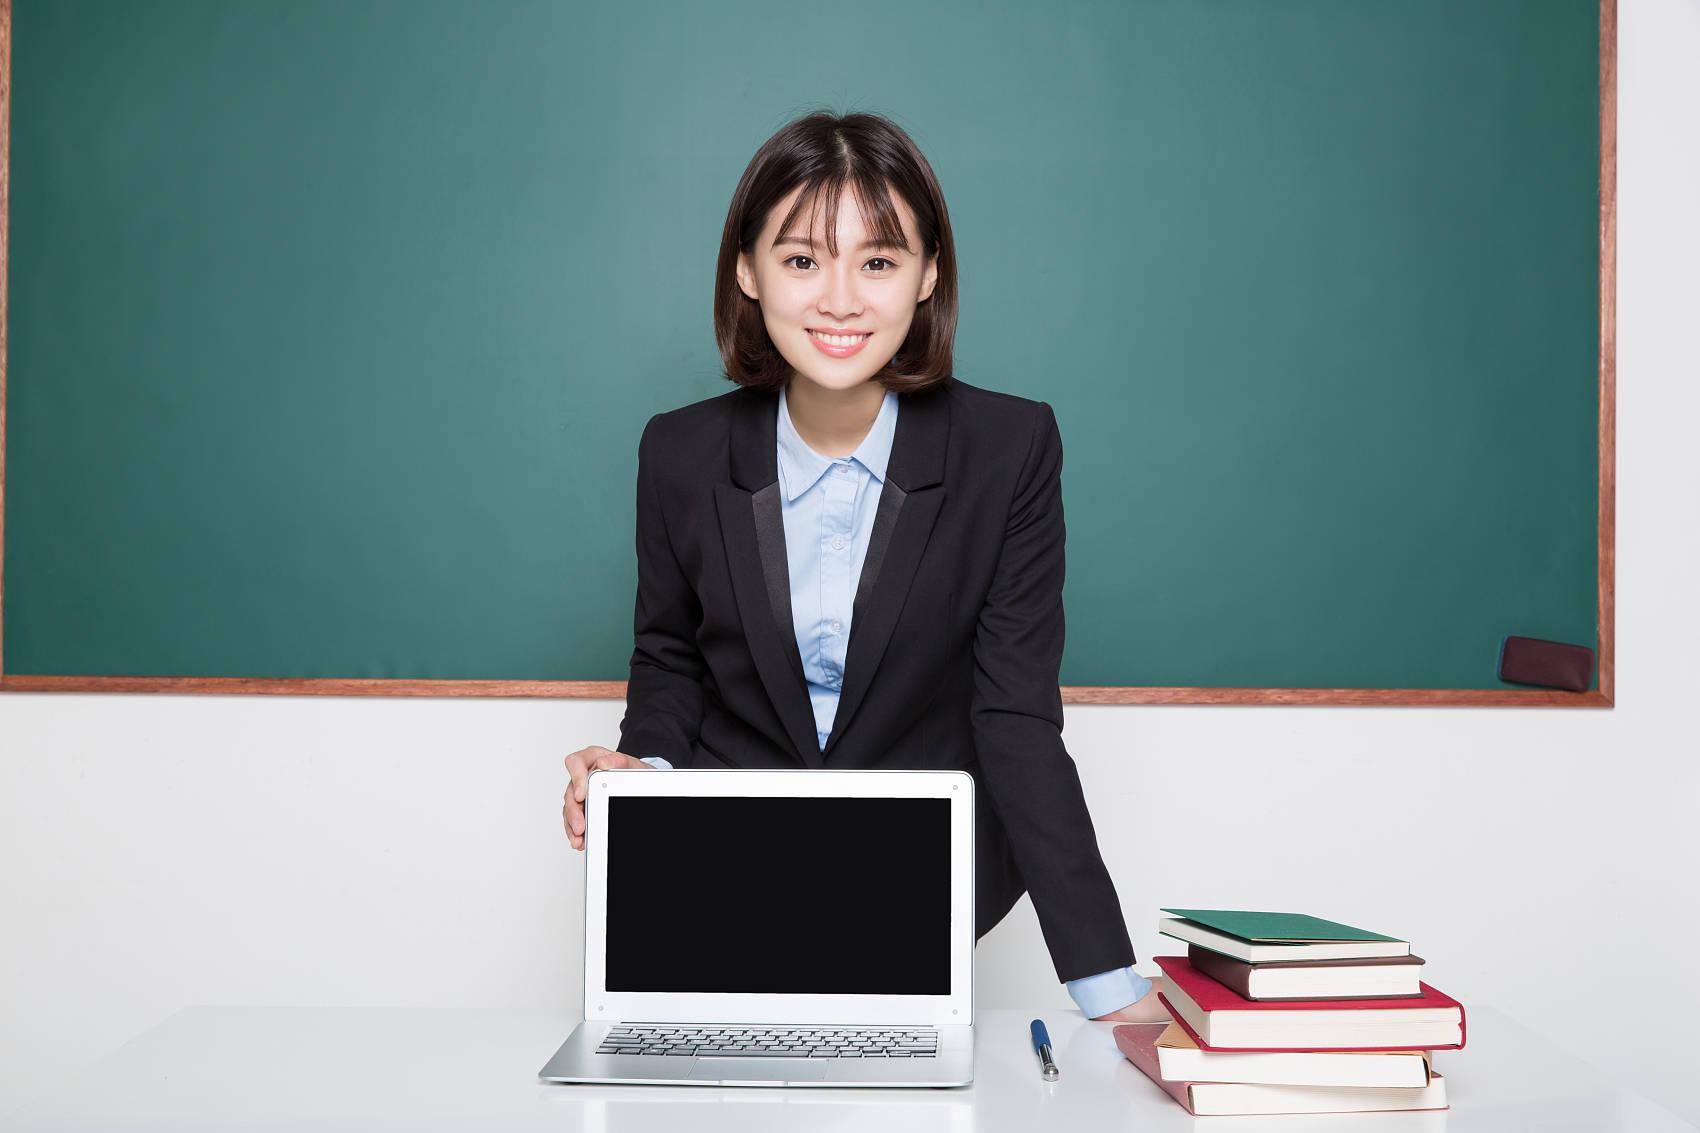 原来农村教师生活补助增加,城市教师争着去农村学校教书!